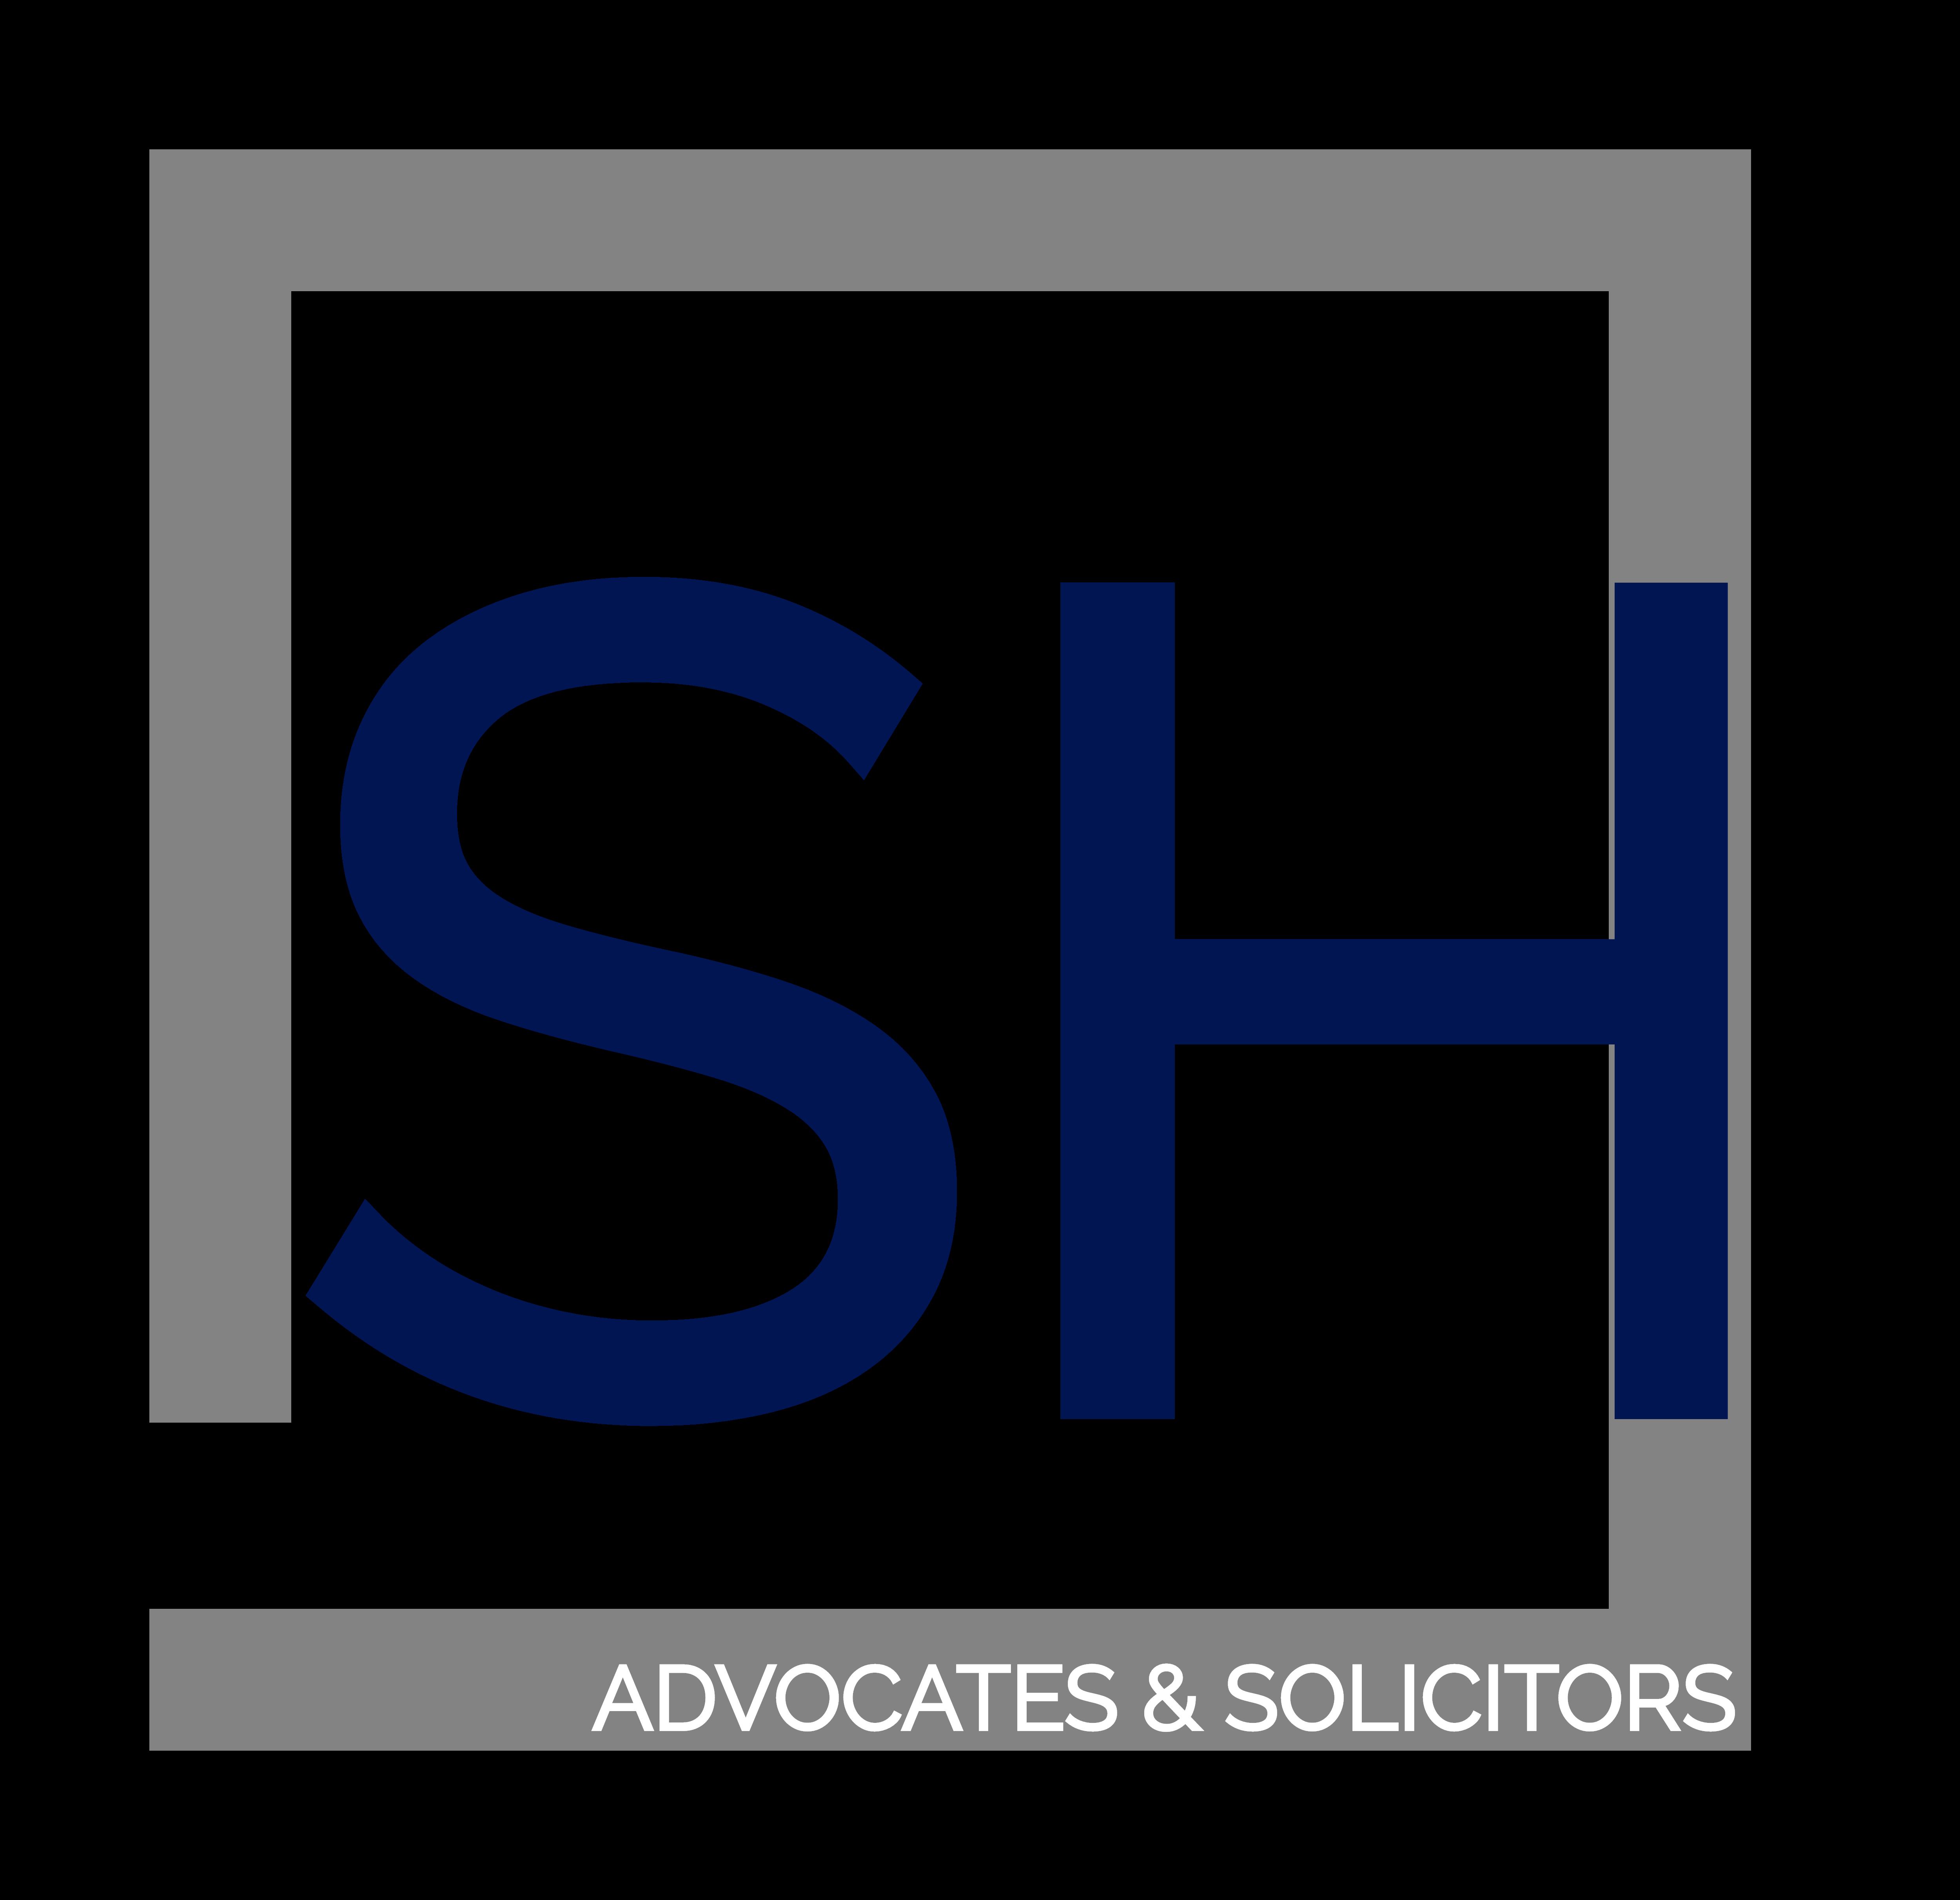 Shahrul Hamidi & Haziq Advocates & Solicitors logo